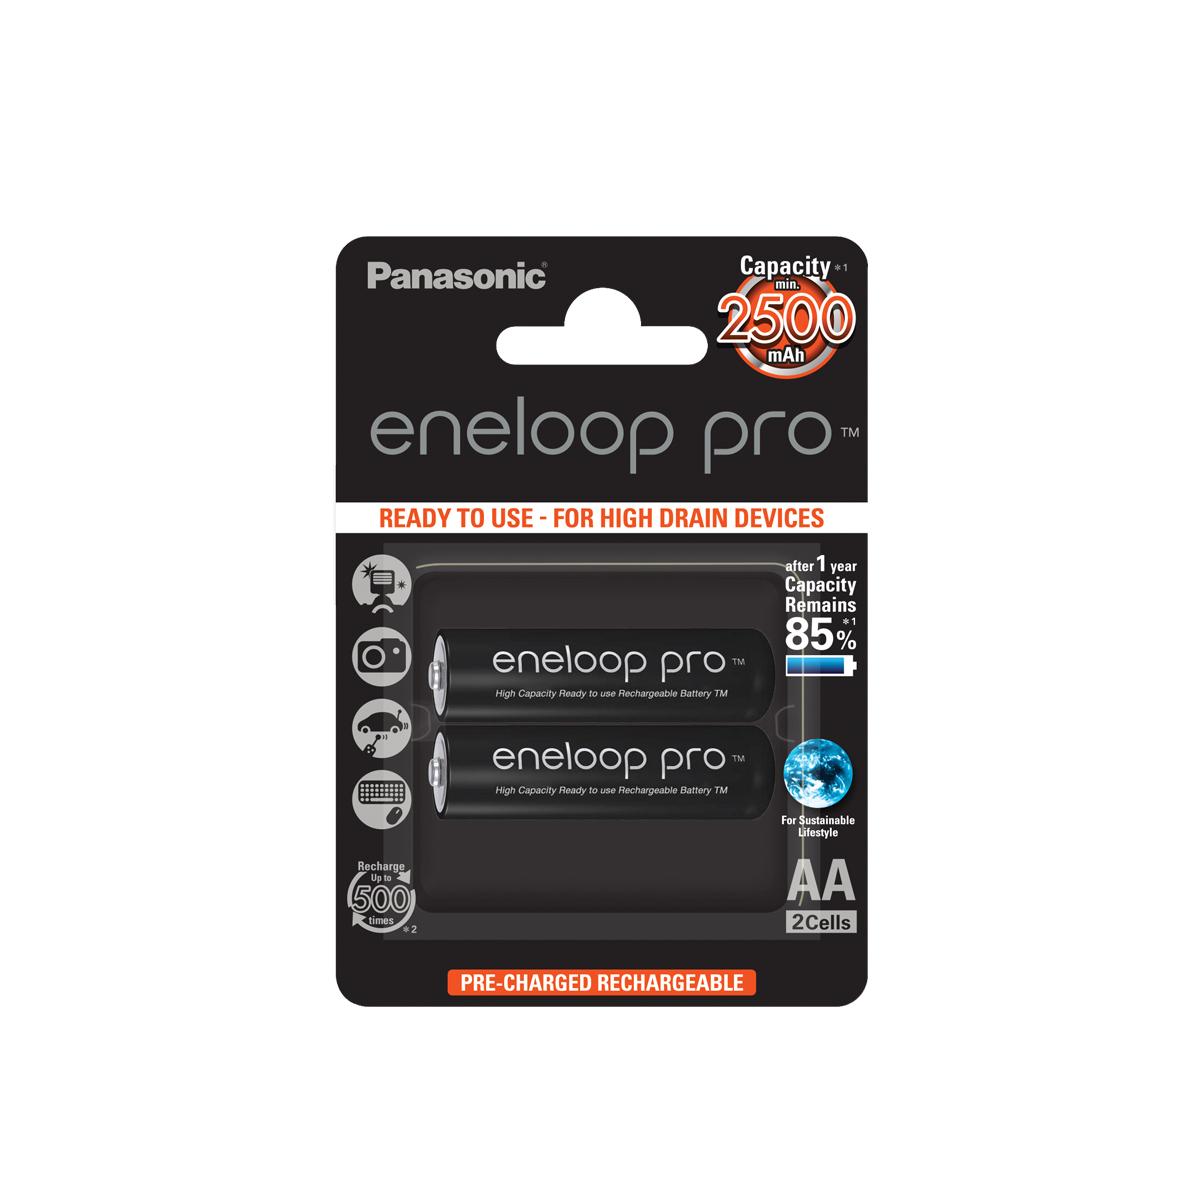 Panasonic Eneloop Pro hleðslurafhlöður